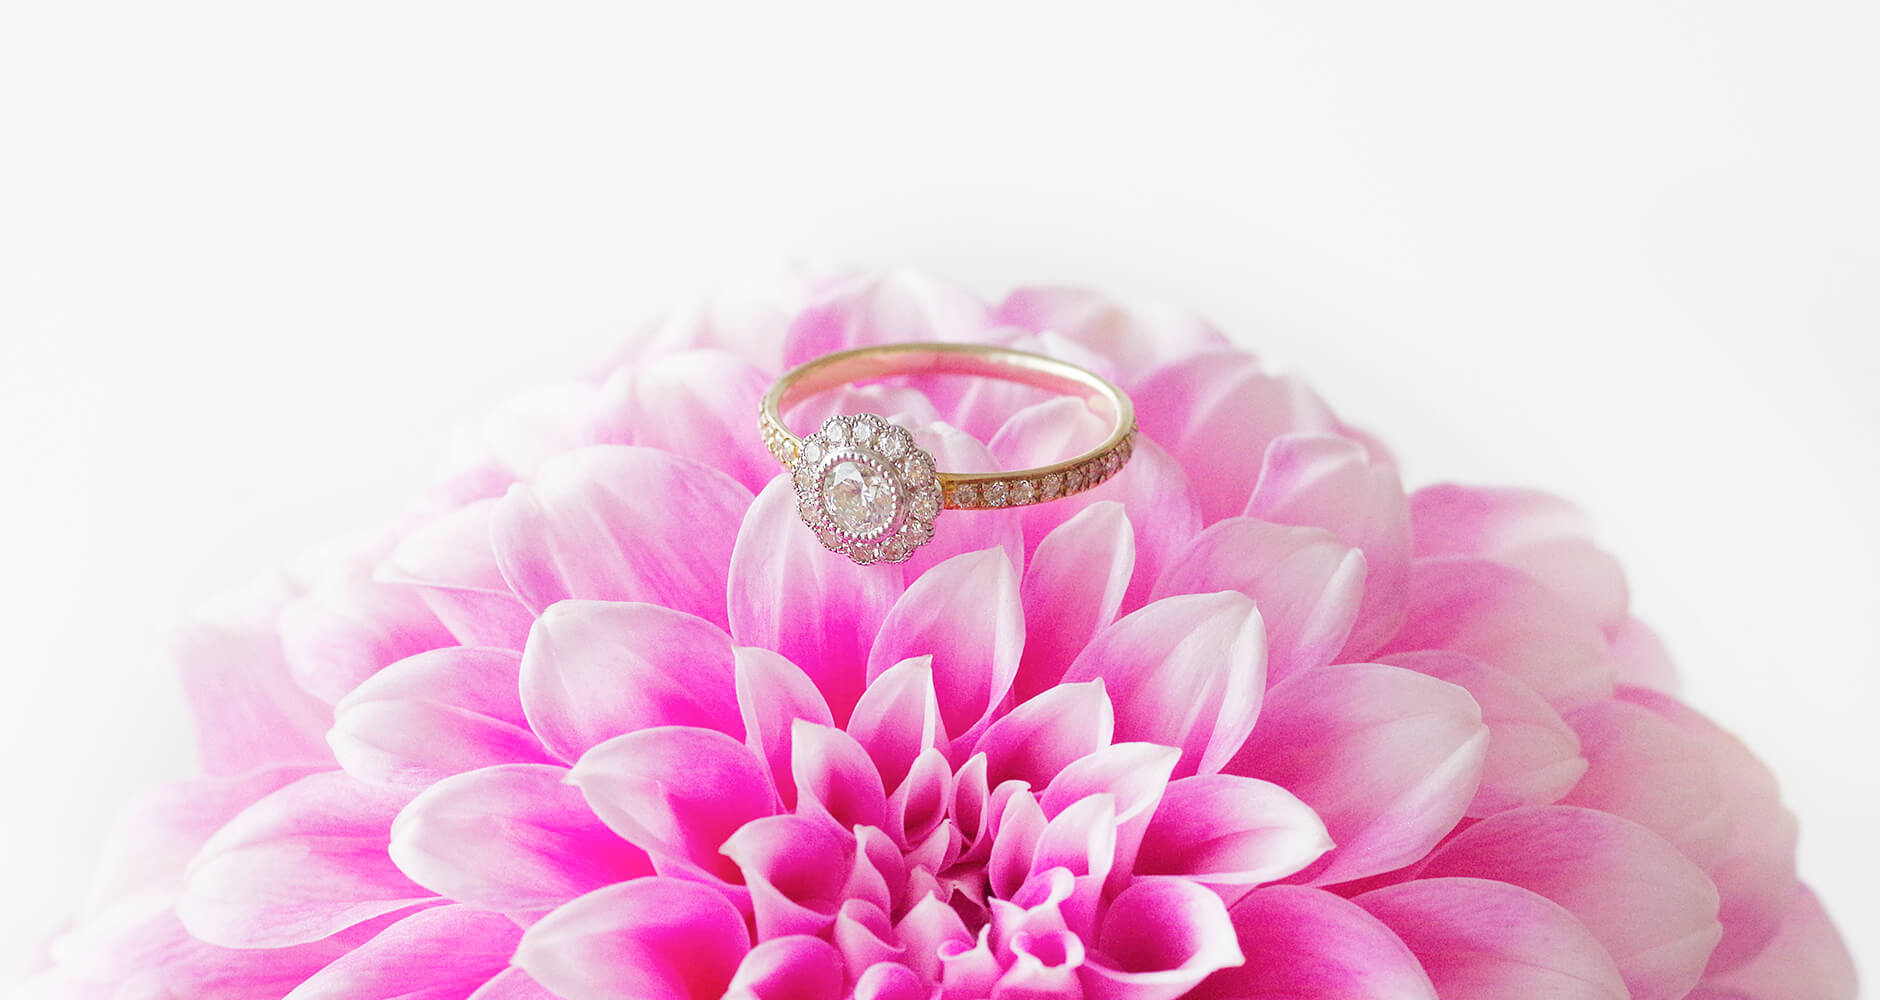 ピンクのダリアと取り巻きの婚約指輪